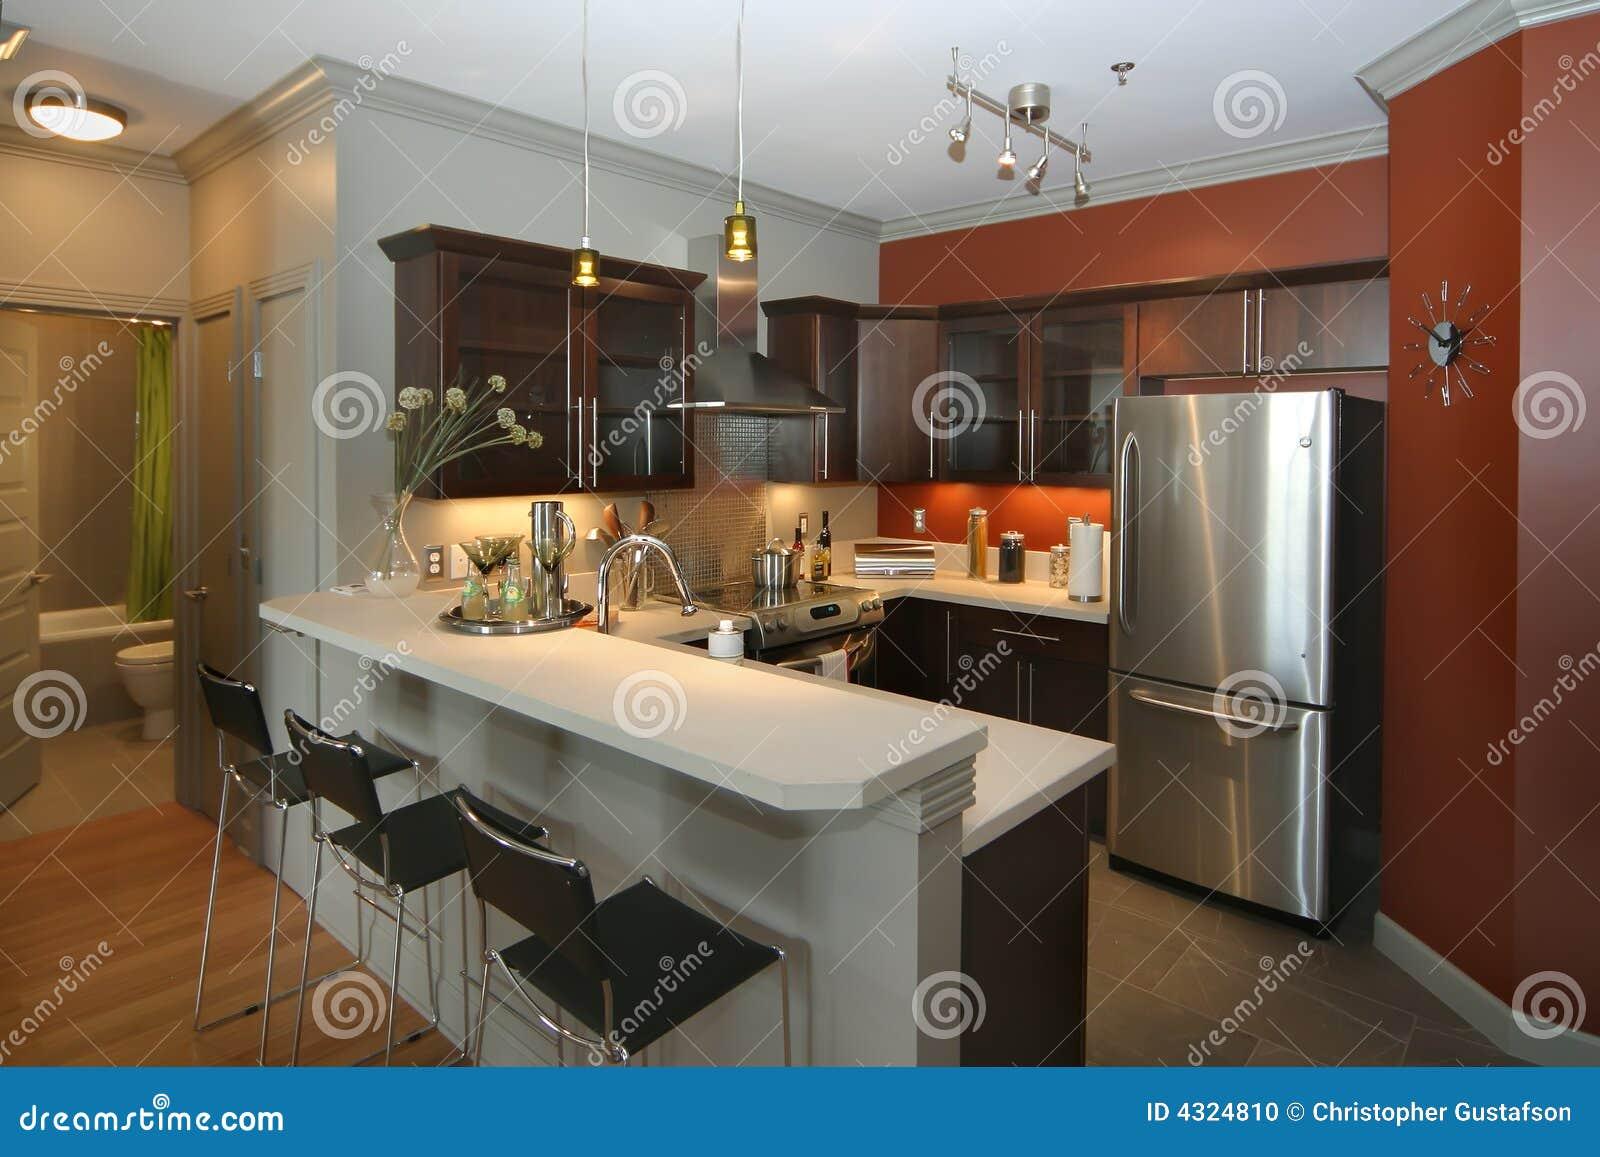 Cocina moderna con rea de la barra foto de archivo - Cocinas modernas con barra ...